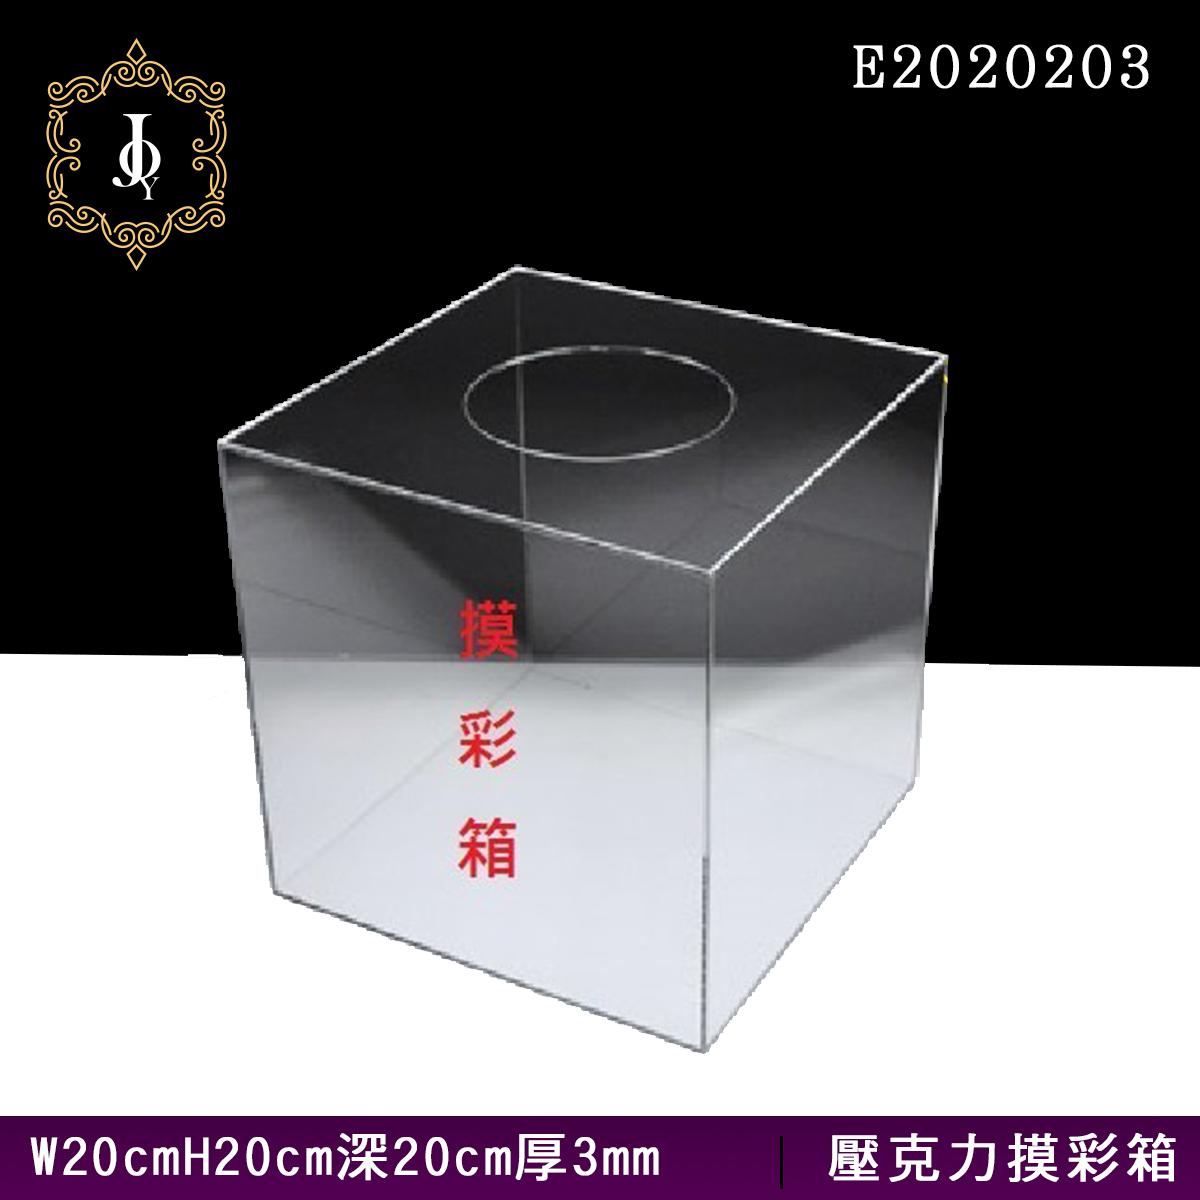 透明壓克力摸彩箱單面貼紅色割字摸彩箱